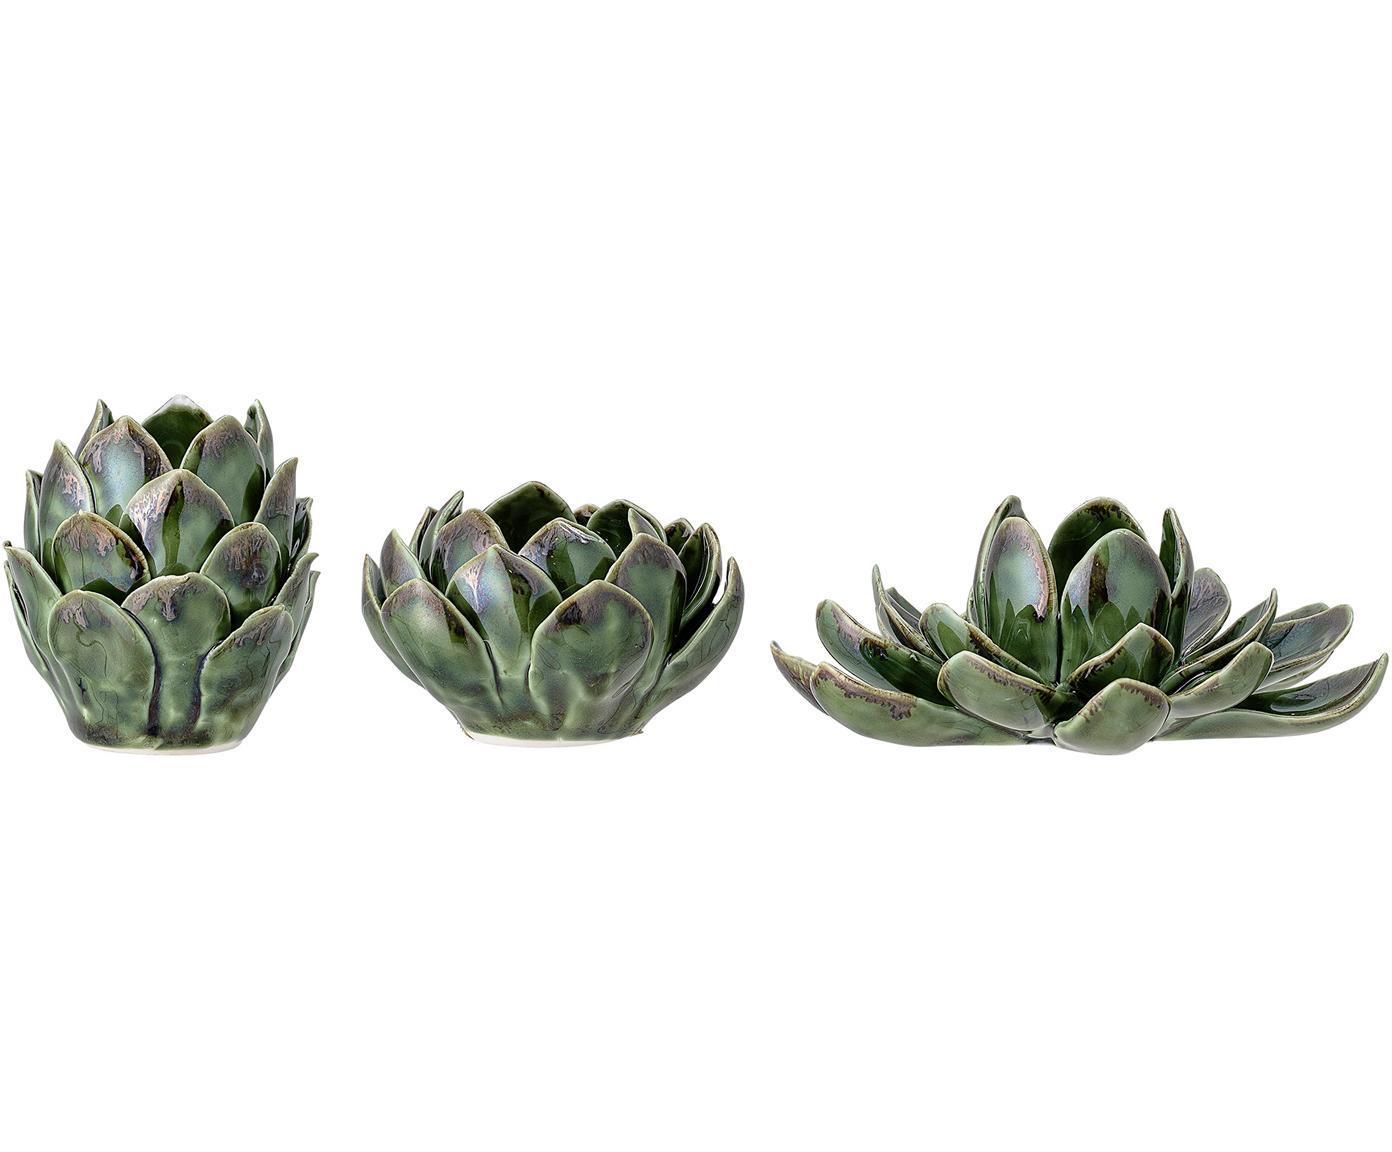 Komplet ręcznie wykonanych świeczników na podgrzewacze Gloria, 3 elem., Kamionka, Zielony, Różne rozmiary